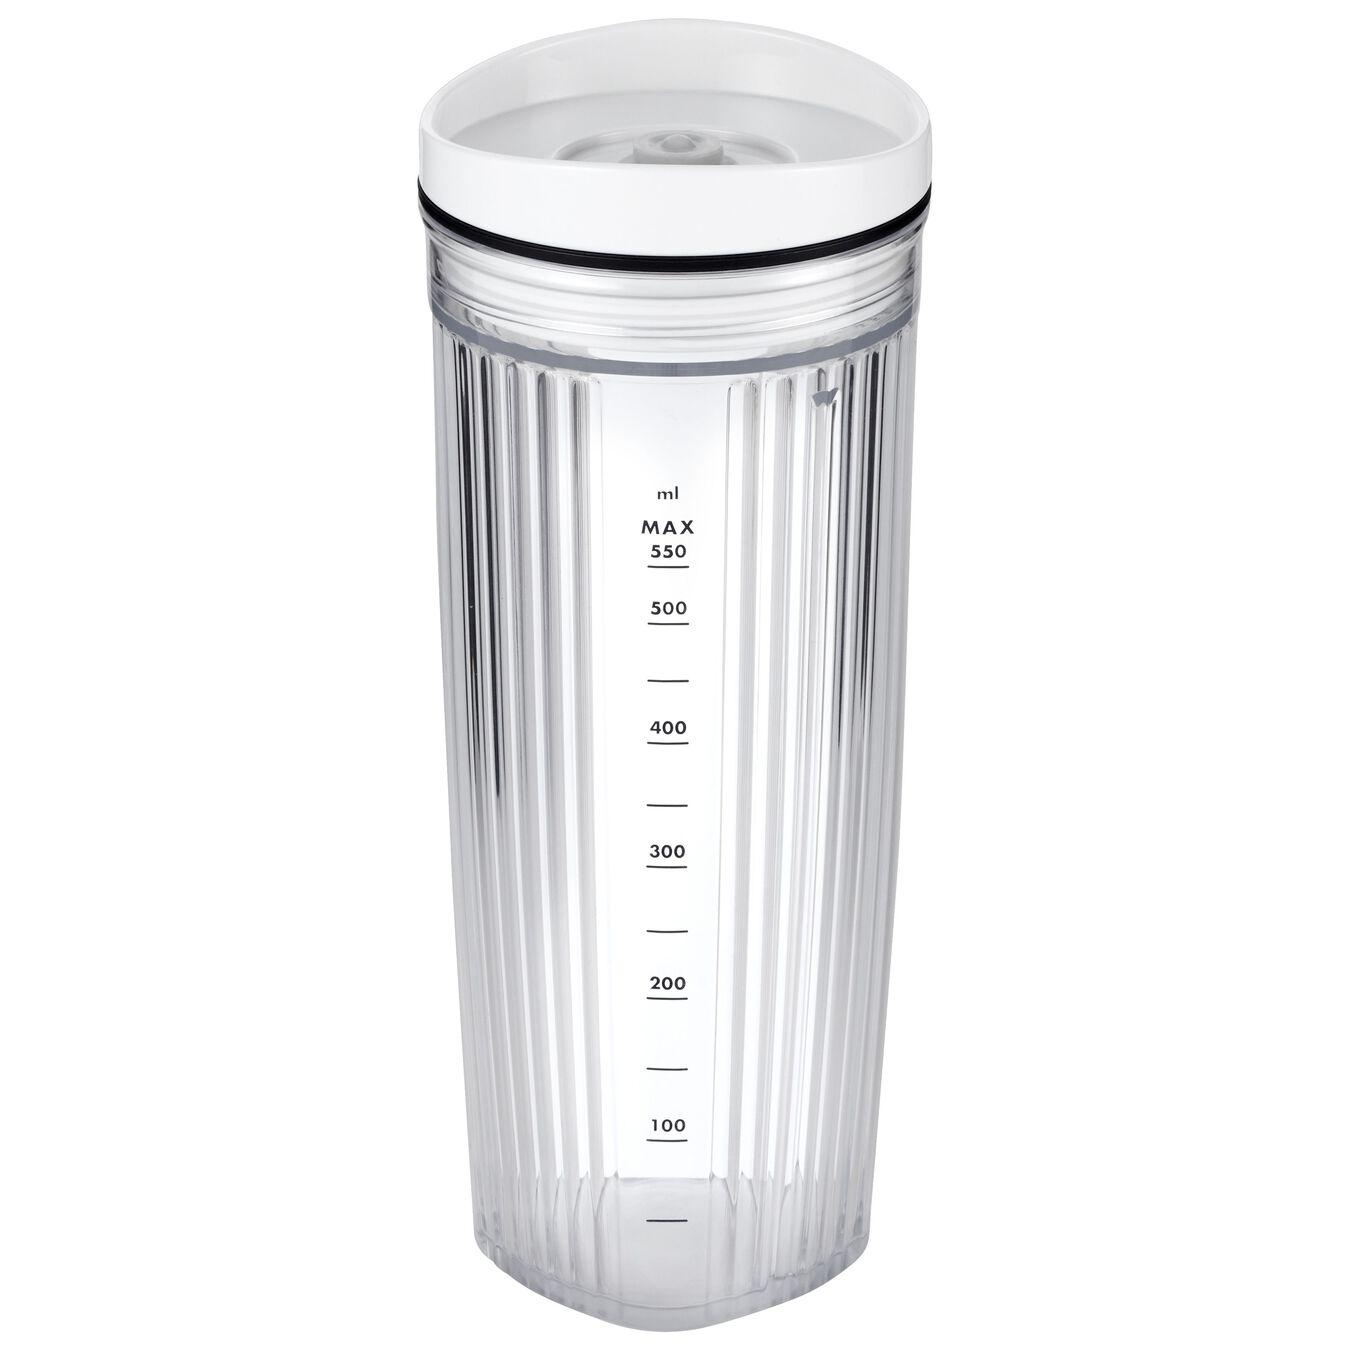 Standmixer Zubehör Set inklusive Vakuumdeckel 550 ml, Weiß,,large 1